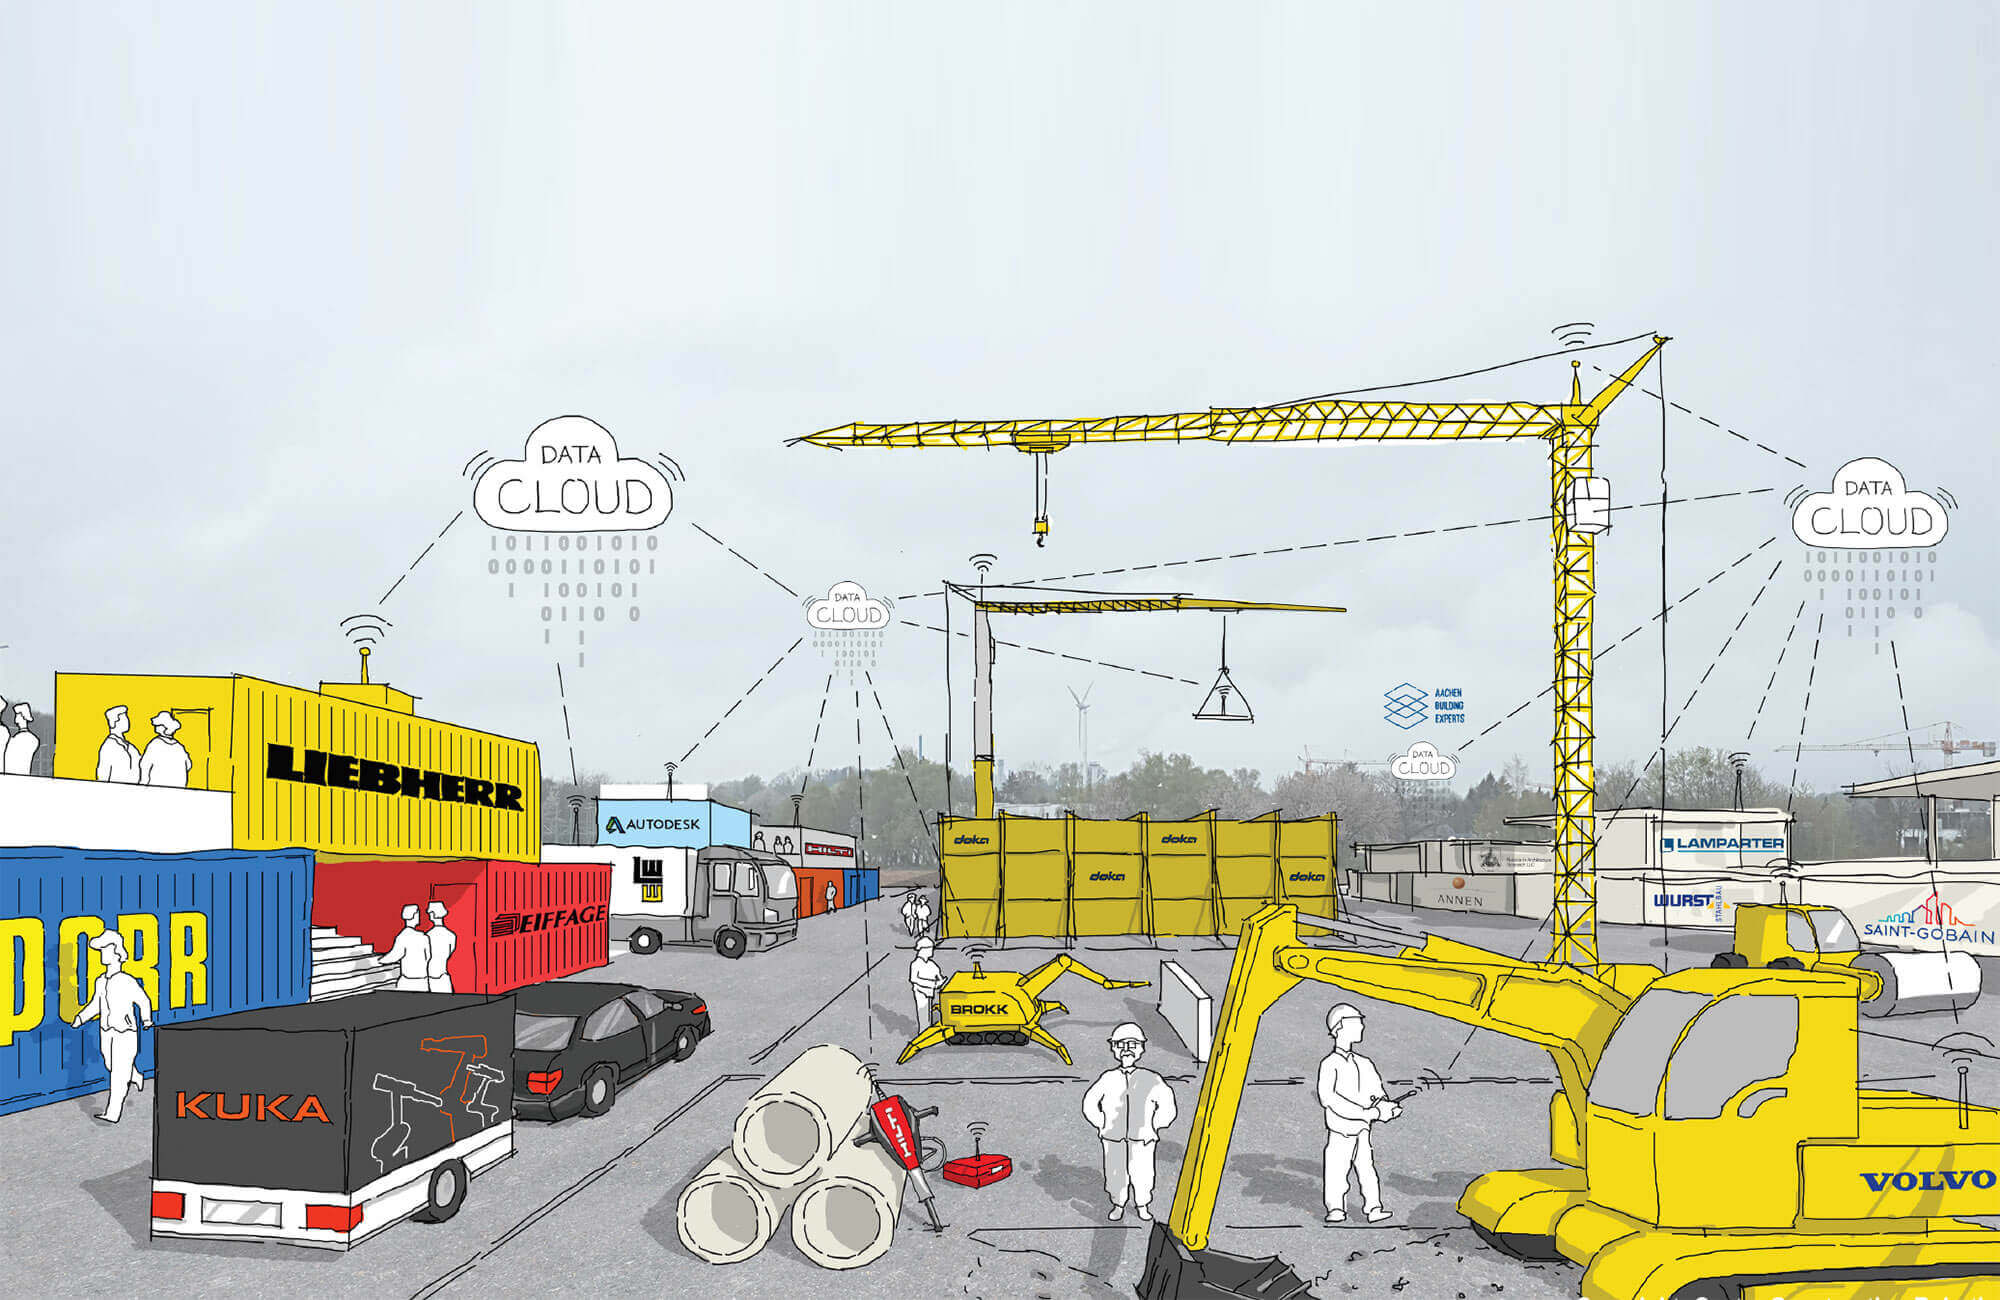 Chantier connecté : les futurs outils numériques du BTP